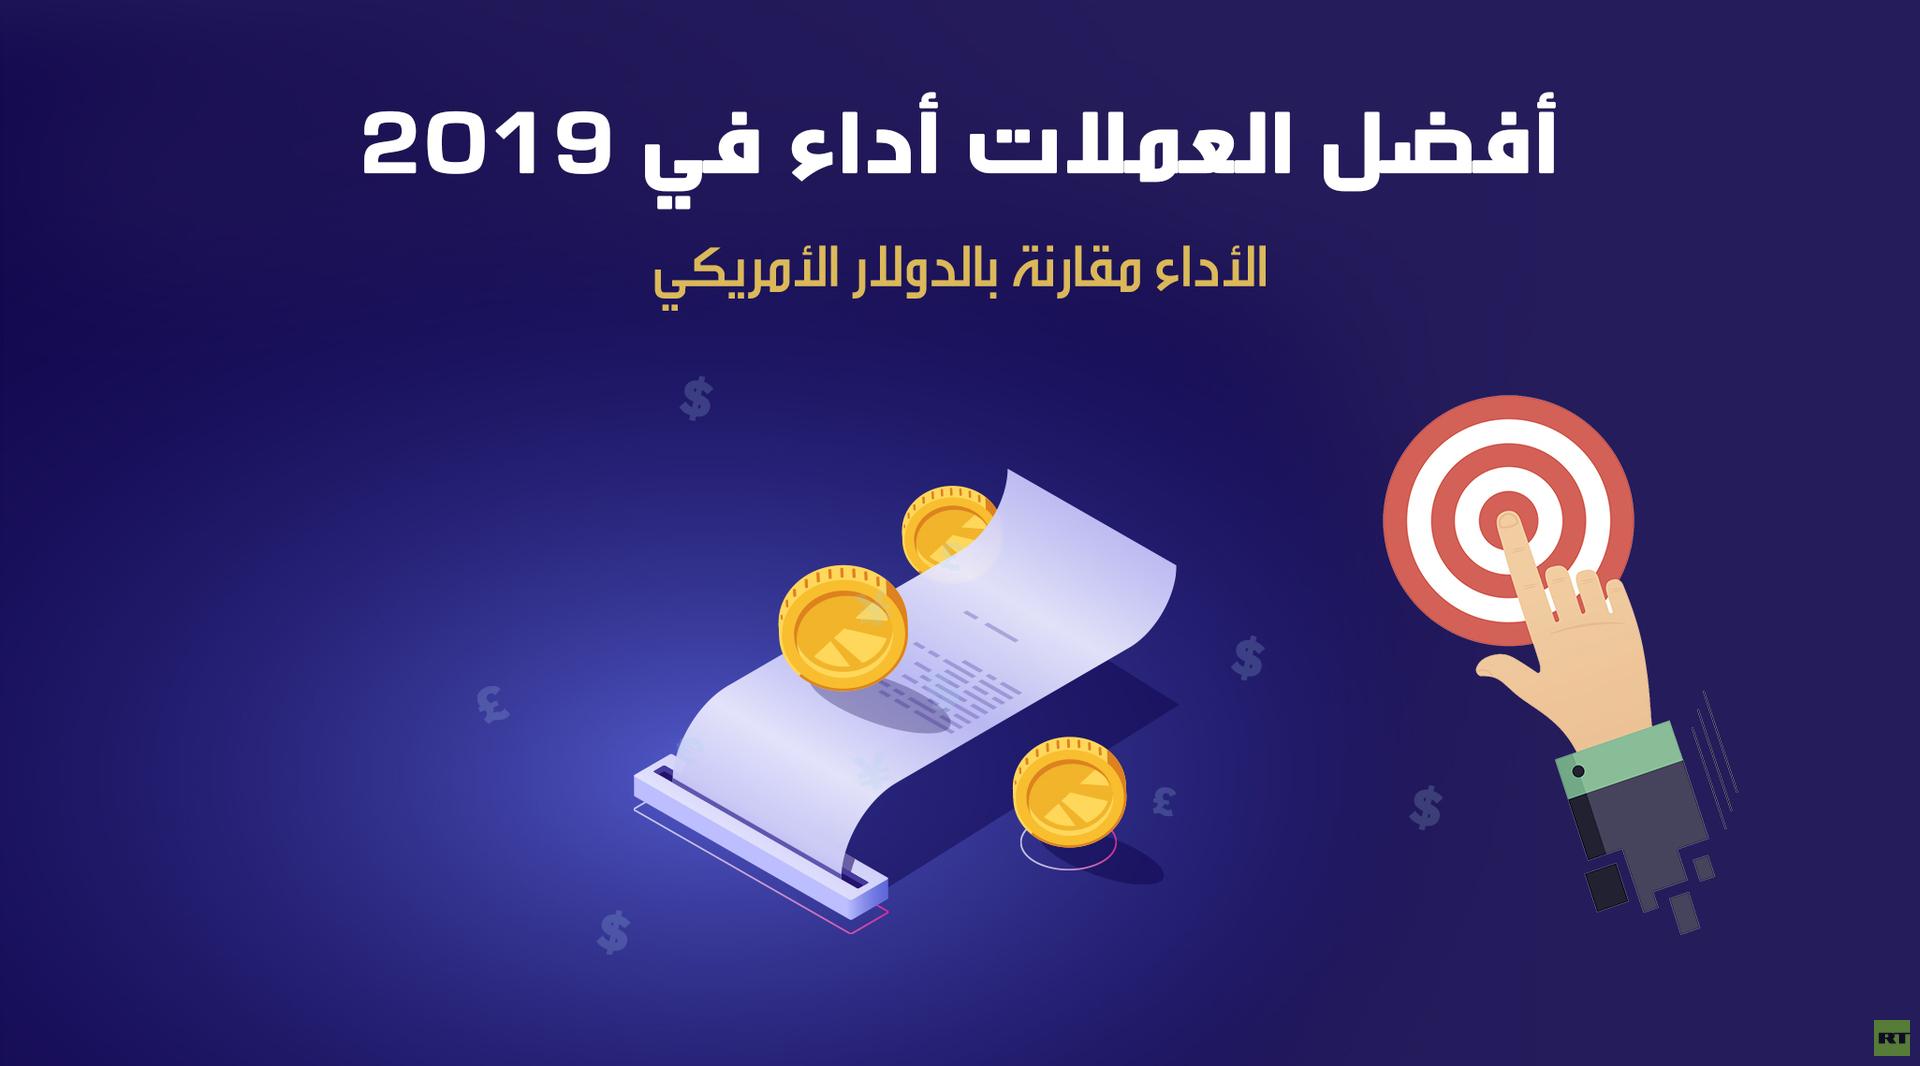 أفضل العملات أداء في 2019